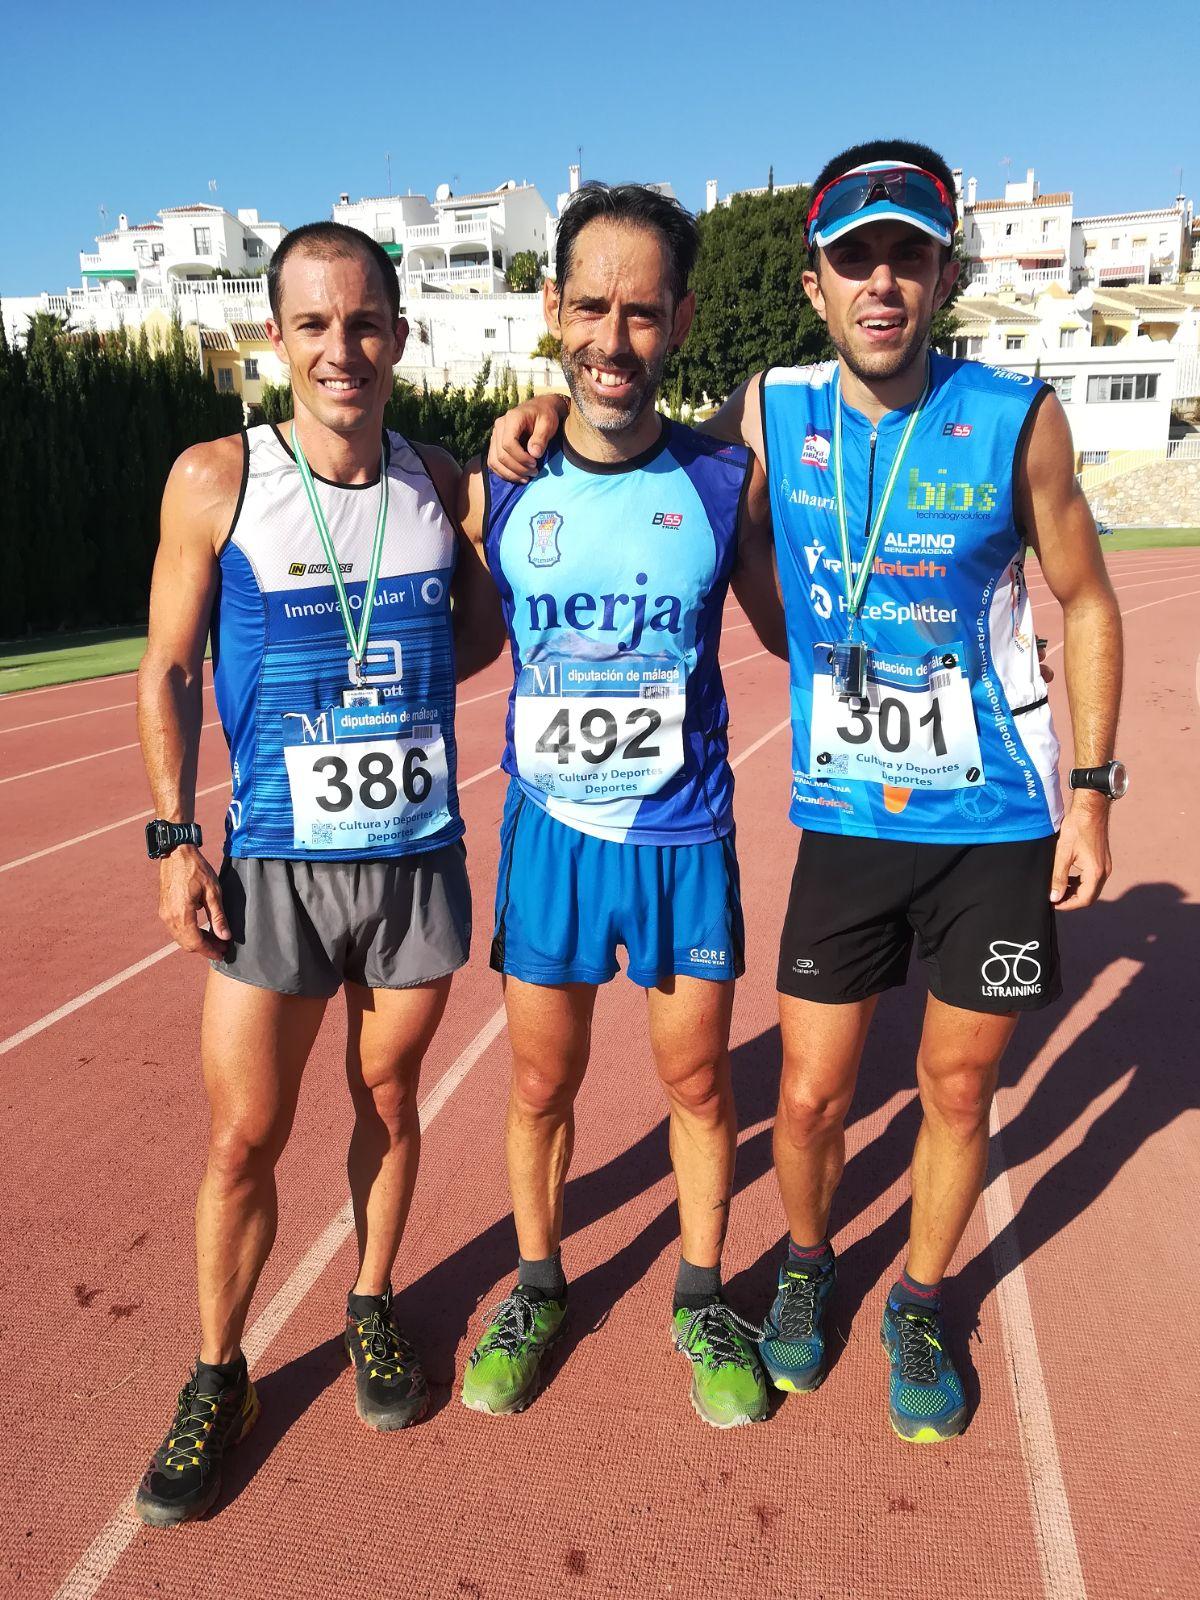 Nerjaatletismo Club Nerja De Atletismo # Muebles Rogelio Nerja